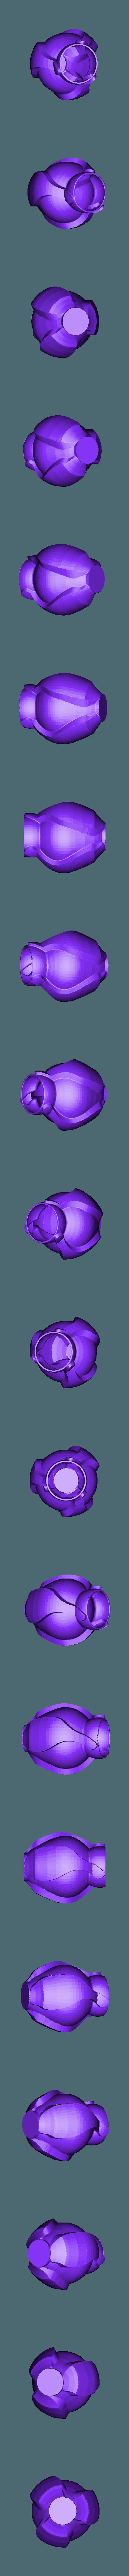 Vase05_stl.stl Download OBJ file vase cup vessel v05 for 3d-print or cnc • 3D printable template, Dzusto